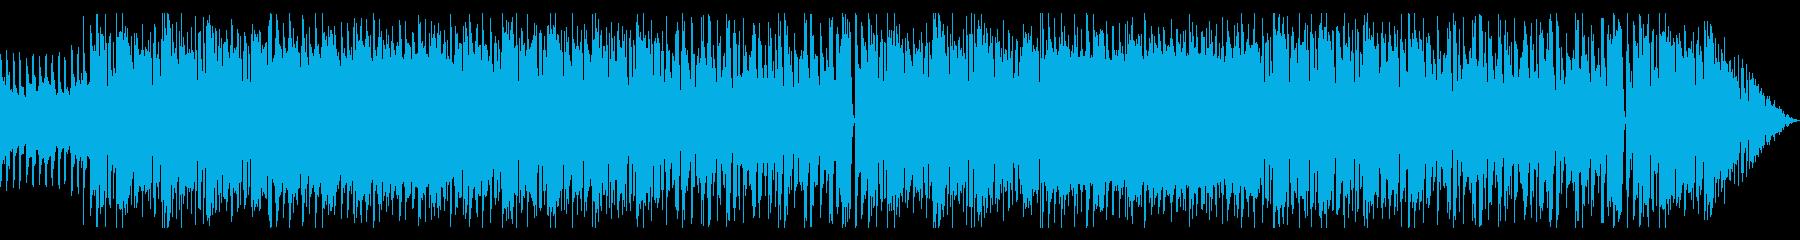 リフが特徴的な変拍子メタルの再生済みの波形